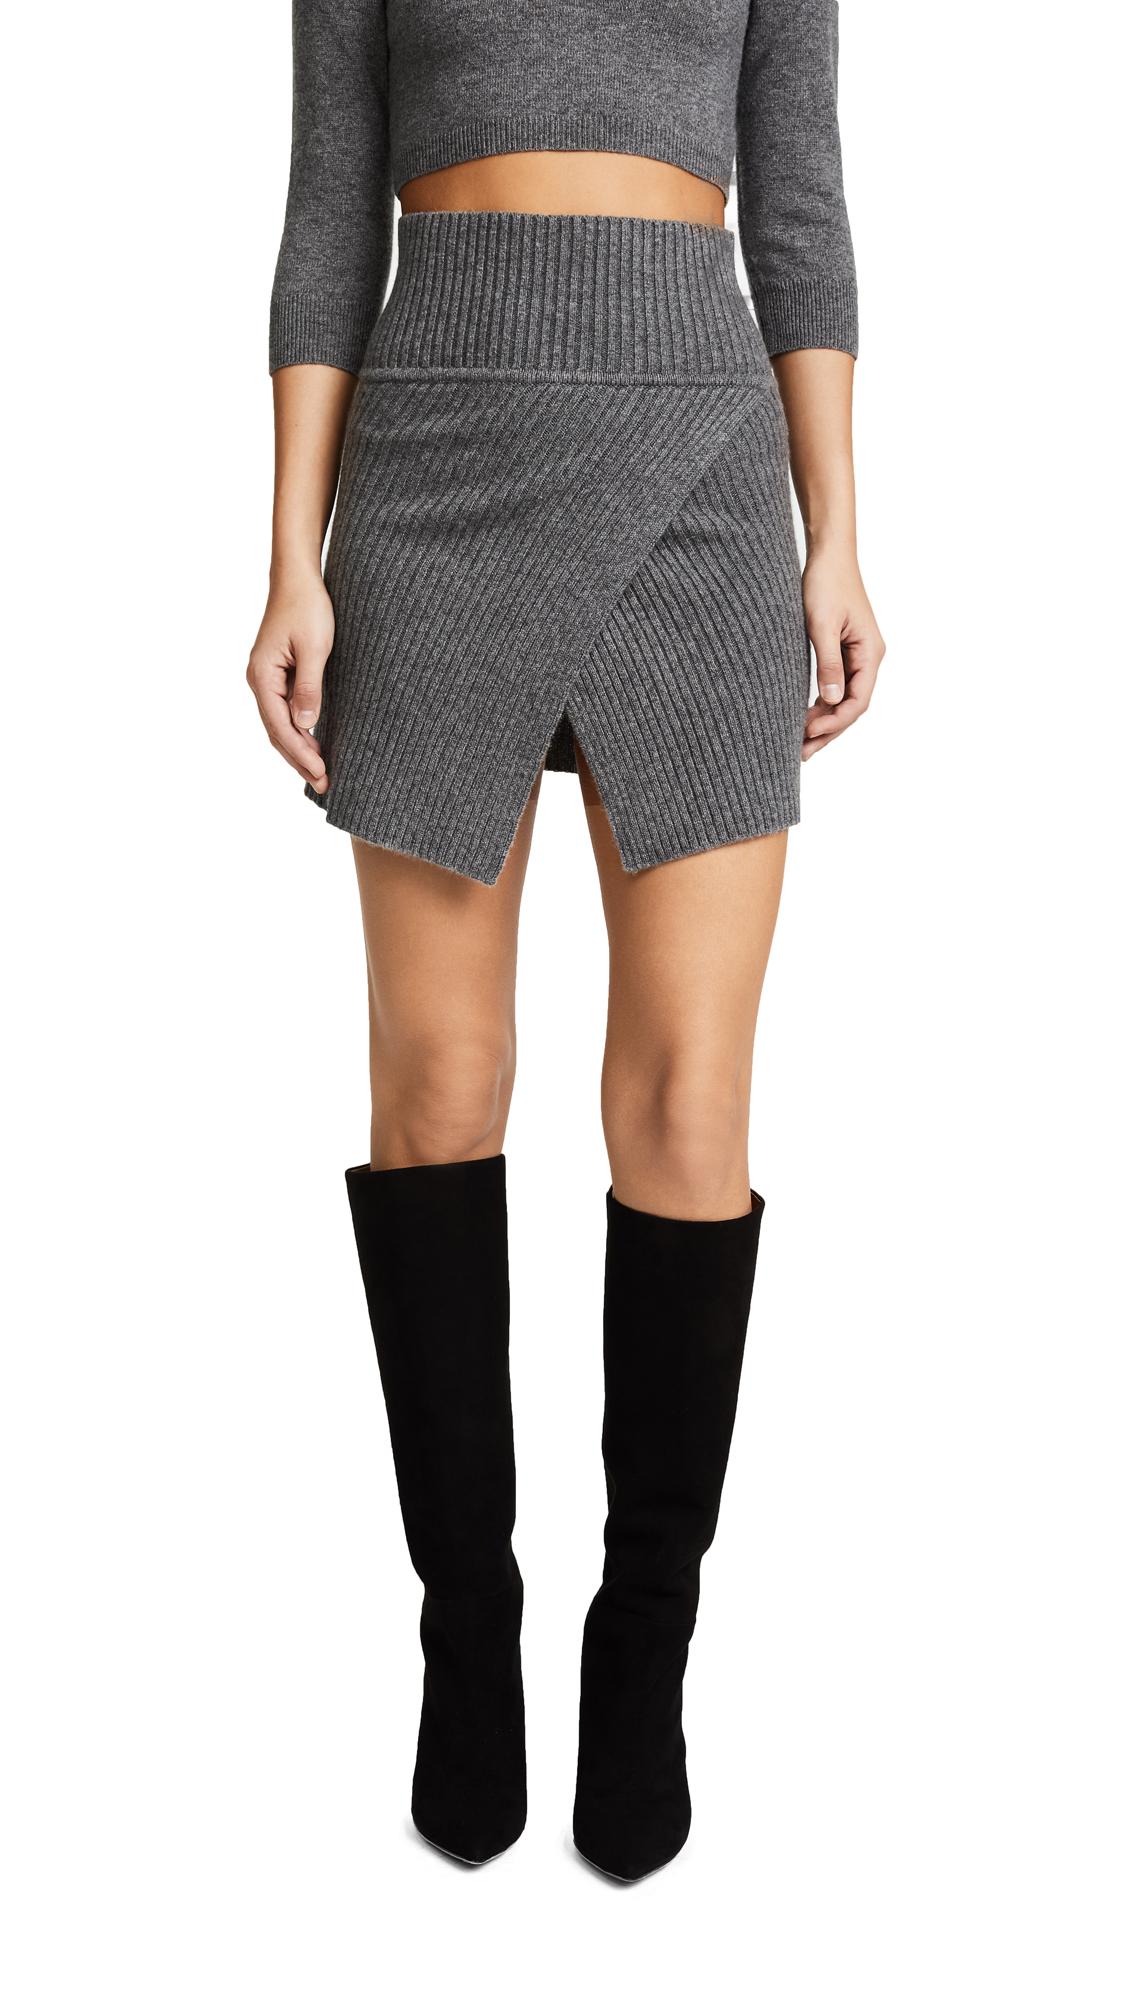 ThePerfext Cross Front Miniskirt - Thunder